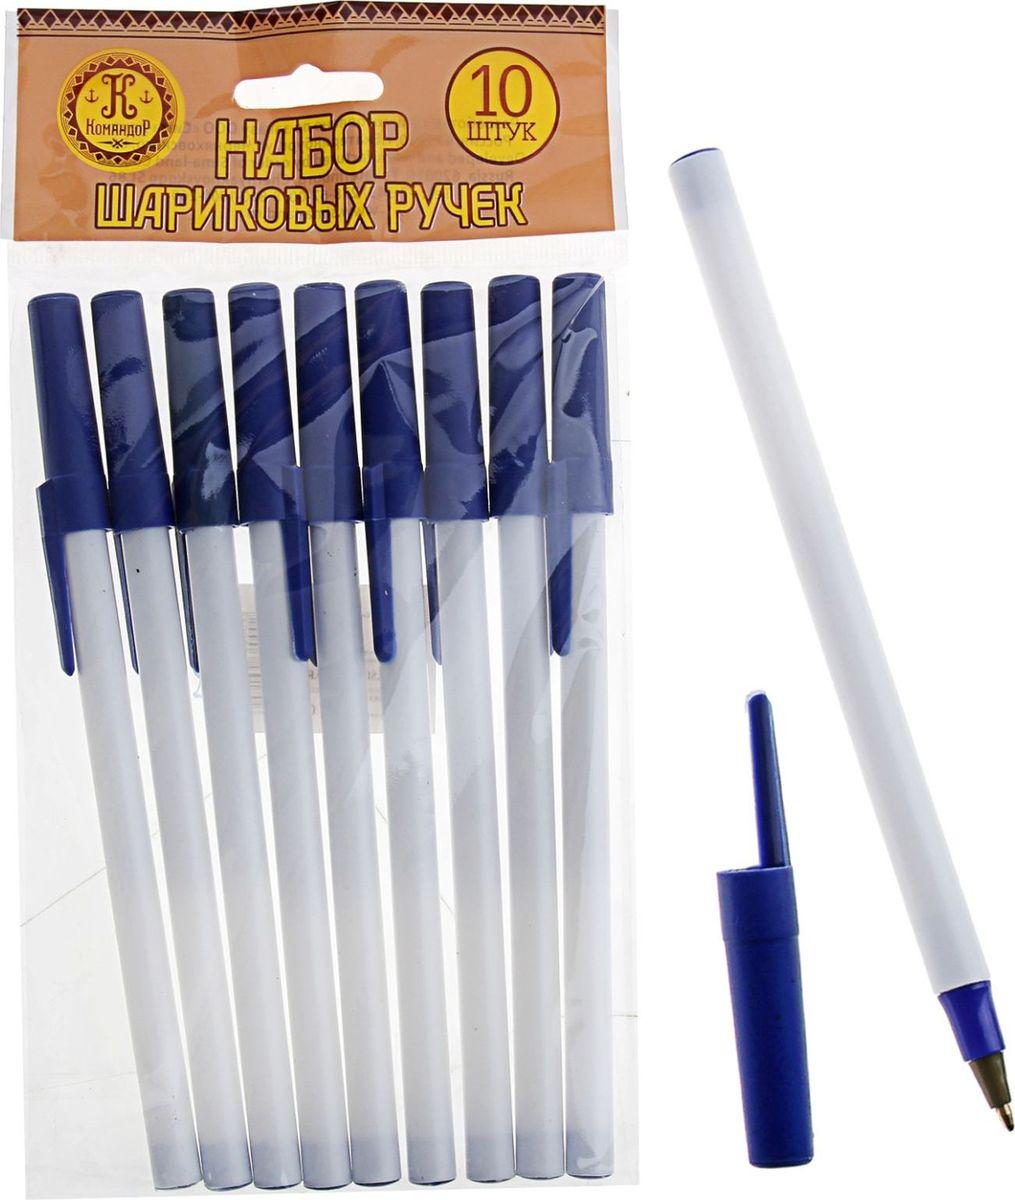 Командор Набор шариковых ручек синие 10 шт цвет корпуса белый синийPP-209Набор ручек шариковых 10шт белый корпус с синими колпачками, стержень синий - набор классических шариковых ручек. Если вы ценитель качества, удобства и не любите отвлекаться на разные мелочи, то этот товар для вас. Шариковый пишущий узел и паста на масляной основе сделали такой вид ручек самым распространенным и популярным во всем мире. Шариковые ручки самые экономичные, их надолго хватает. Писать этими ручками легко и удобно, густые чернила не растекаются на бумаге и не вытекают при переноске. Выгодно заказывайте шариковые ручки оптом на нашем сайте – выбирайте практичность и надежность.